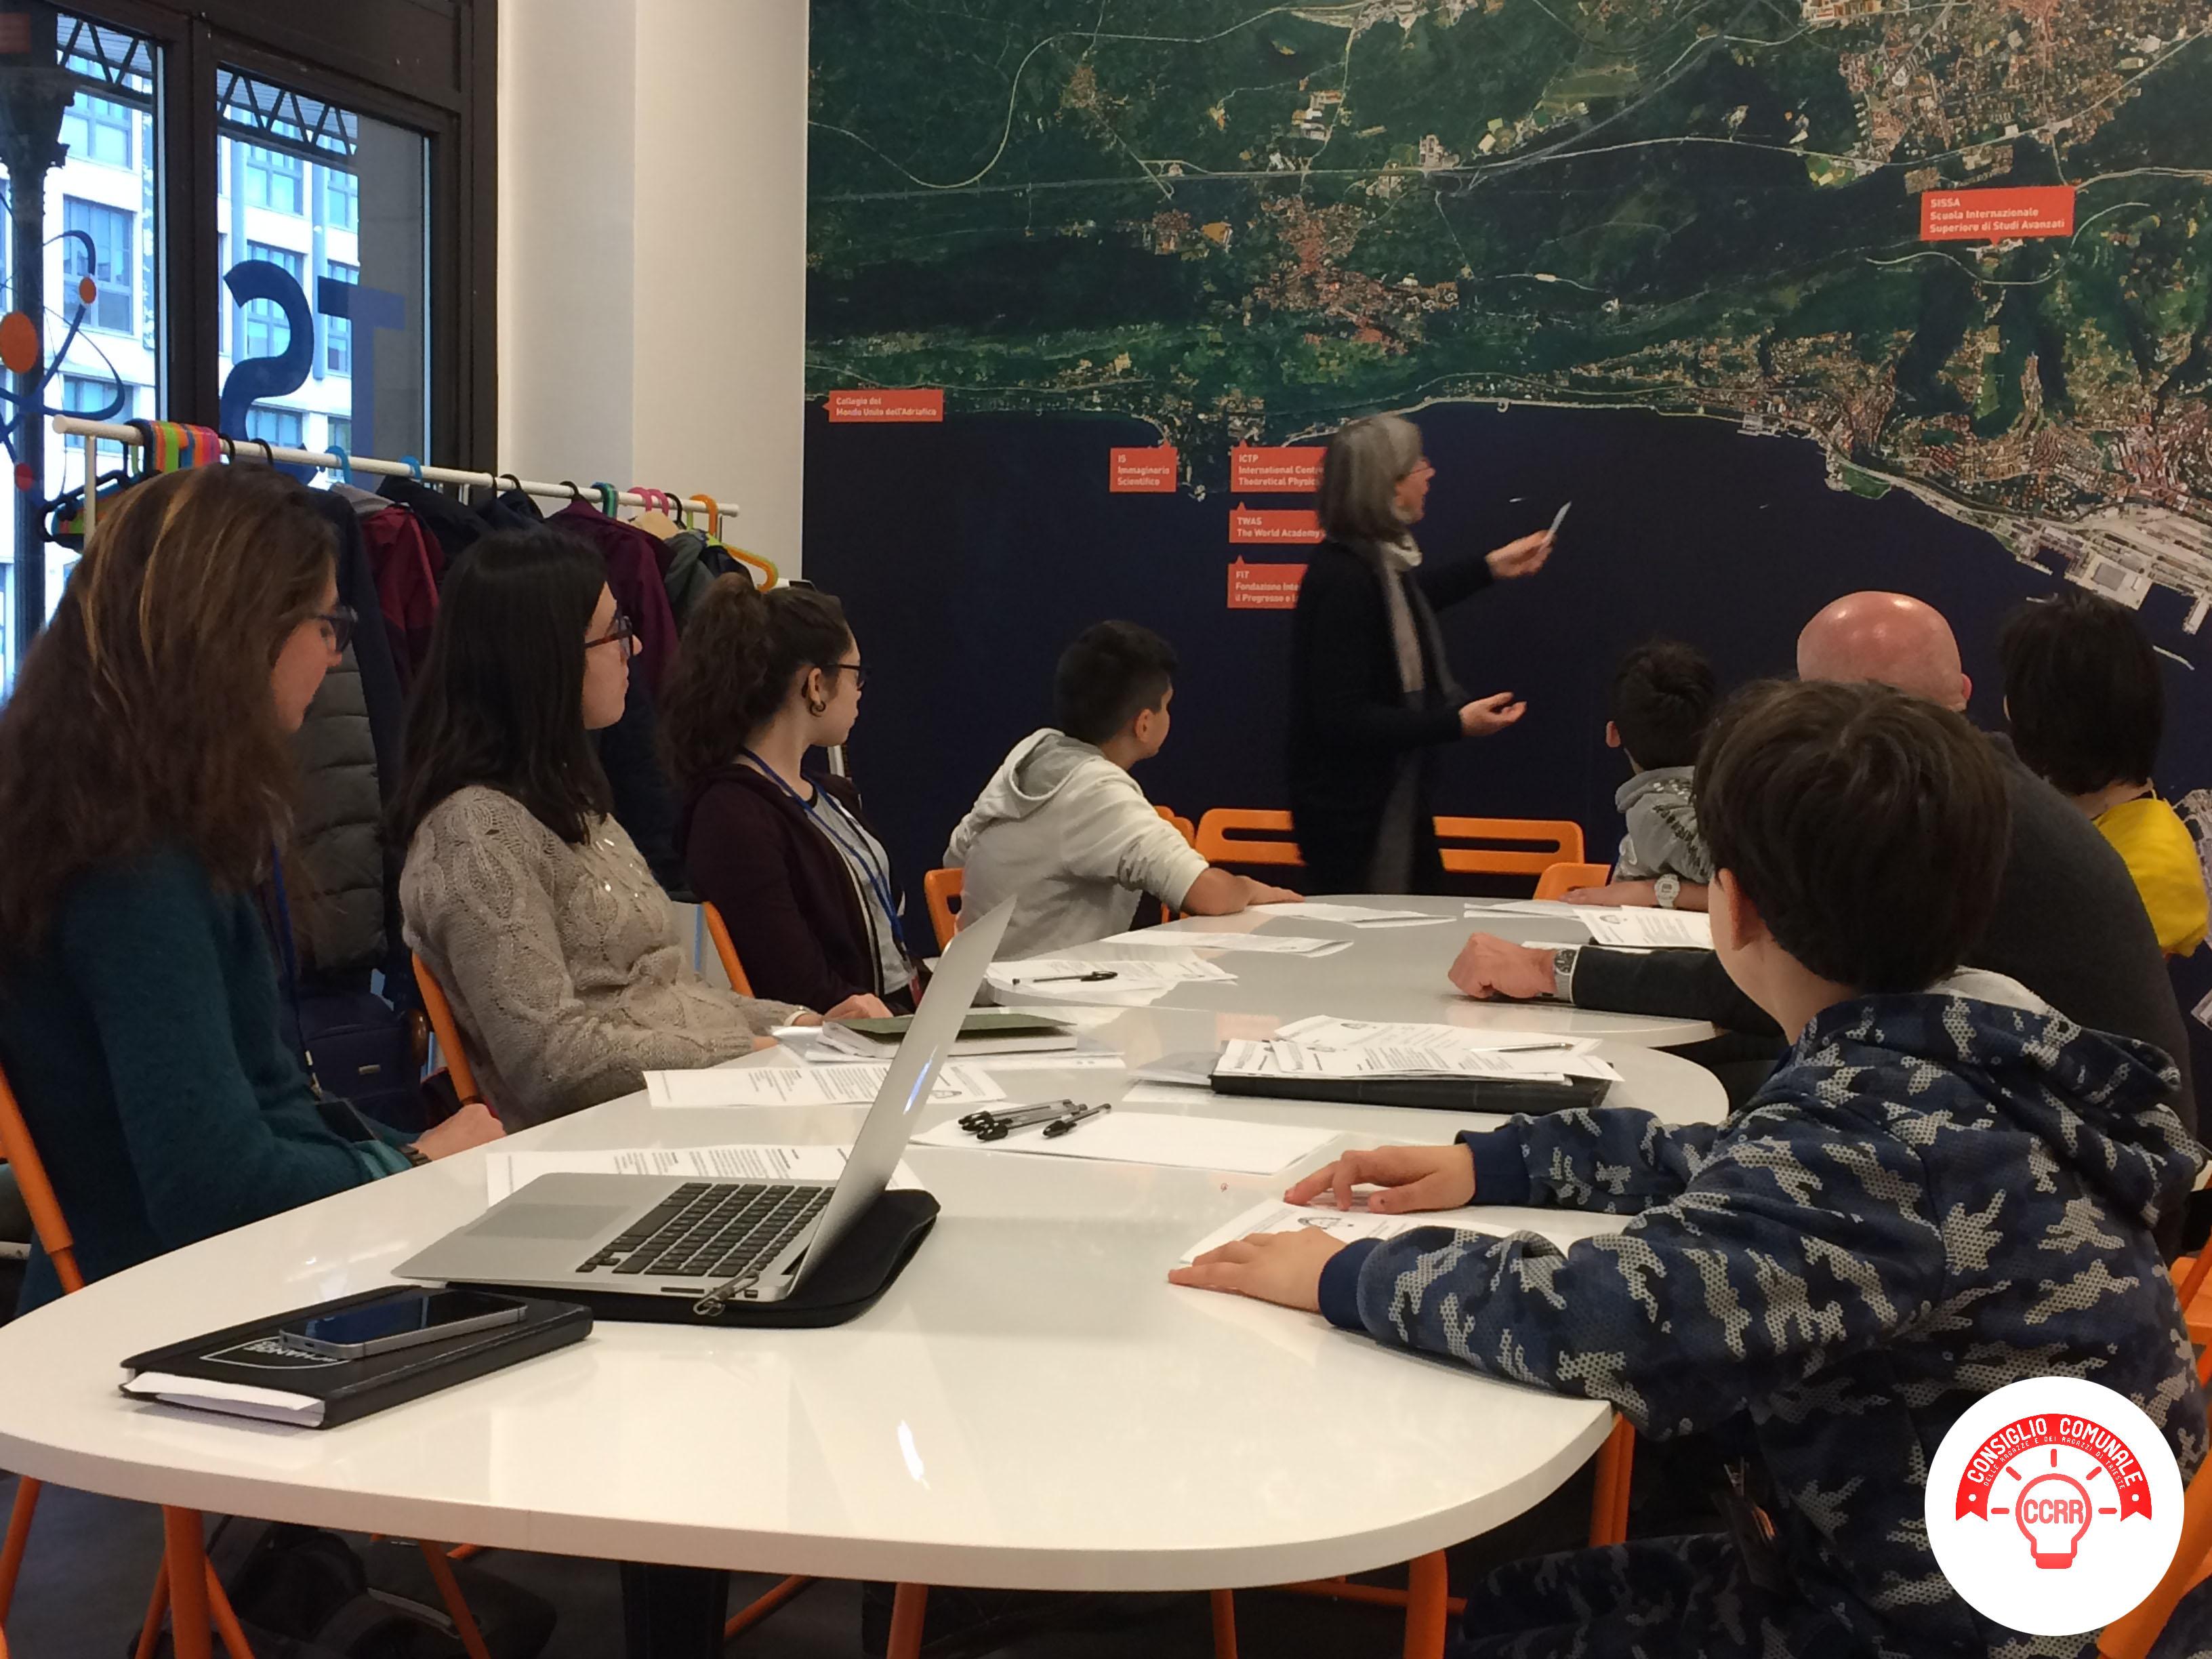 CCRR_quinto incontro_tavolo tecnico sul Giornalino Scientifico dei Ragazzi_incontro al Punto Trieste città della Conoscenza 2